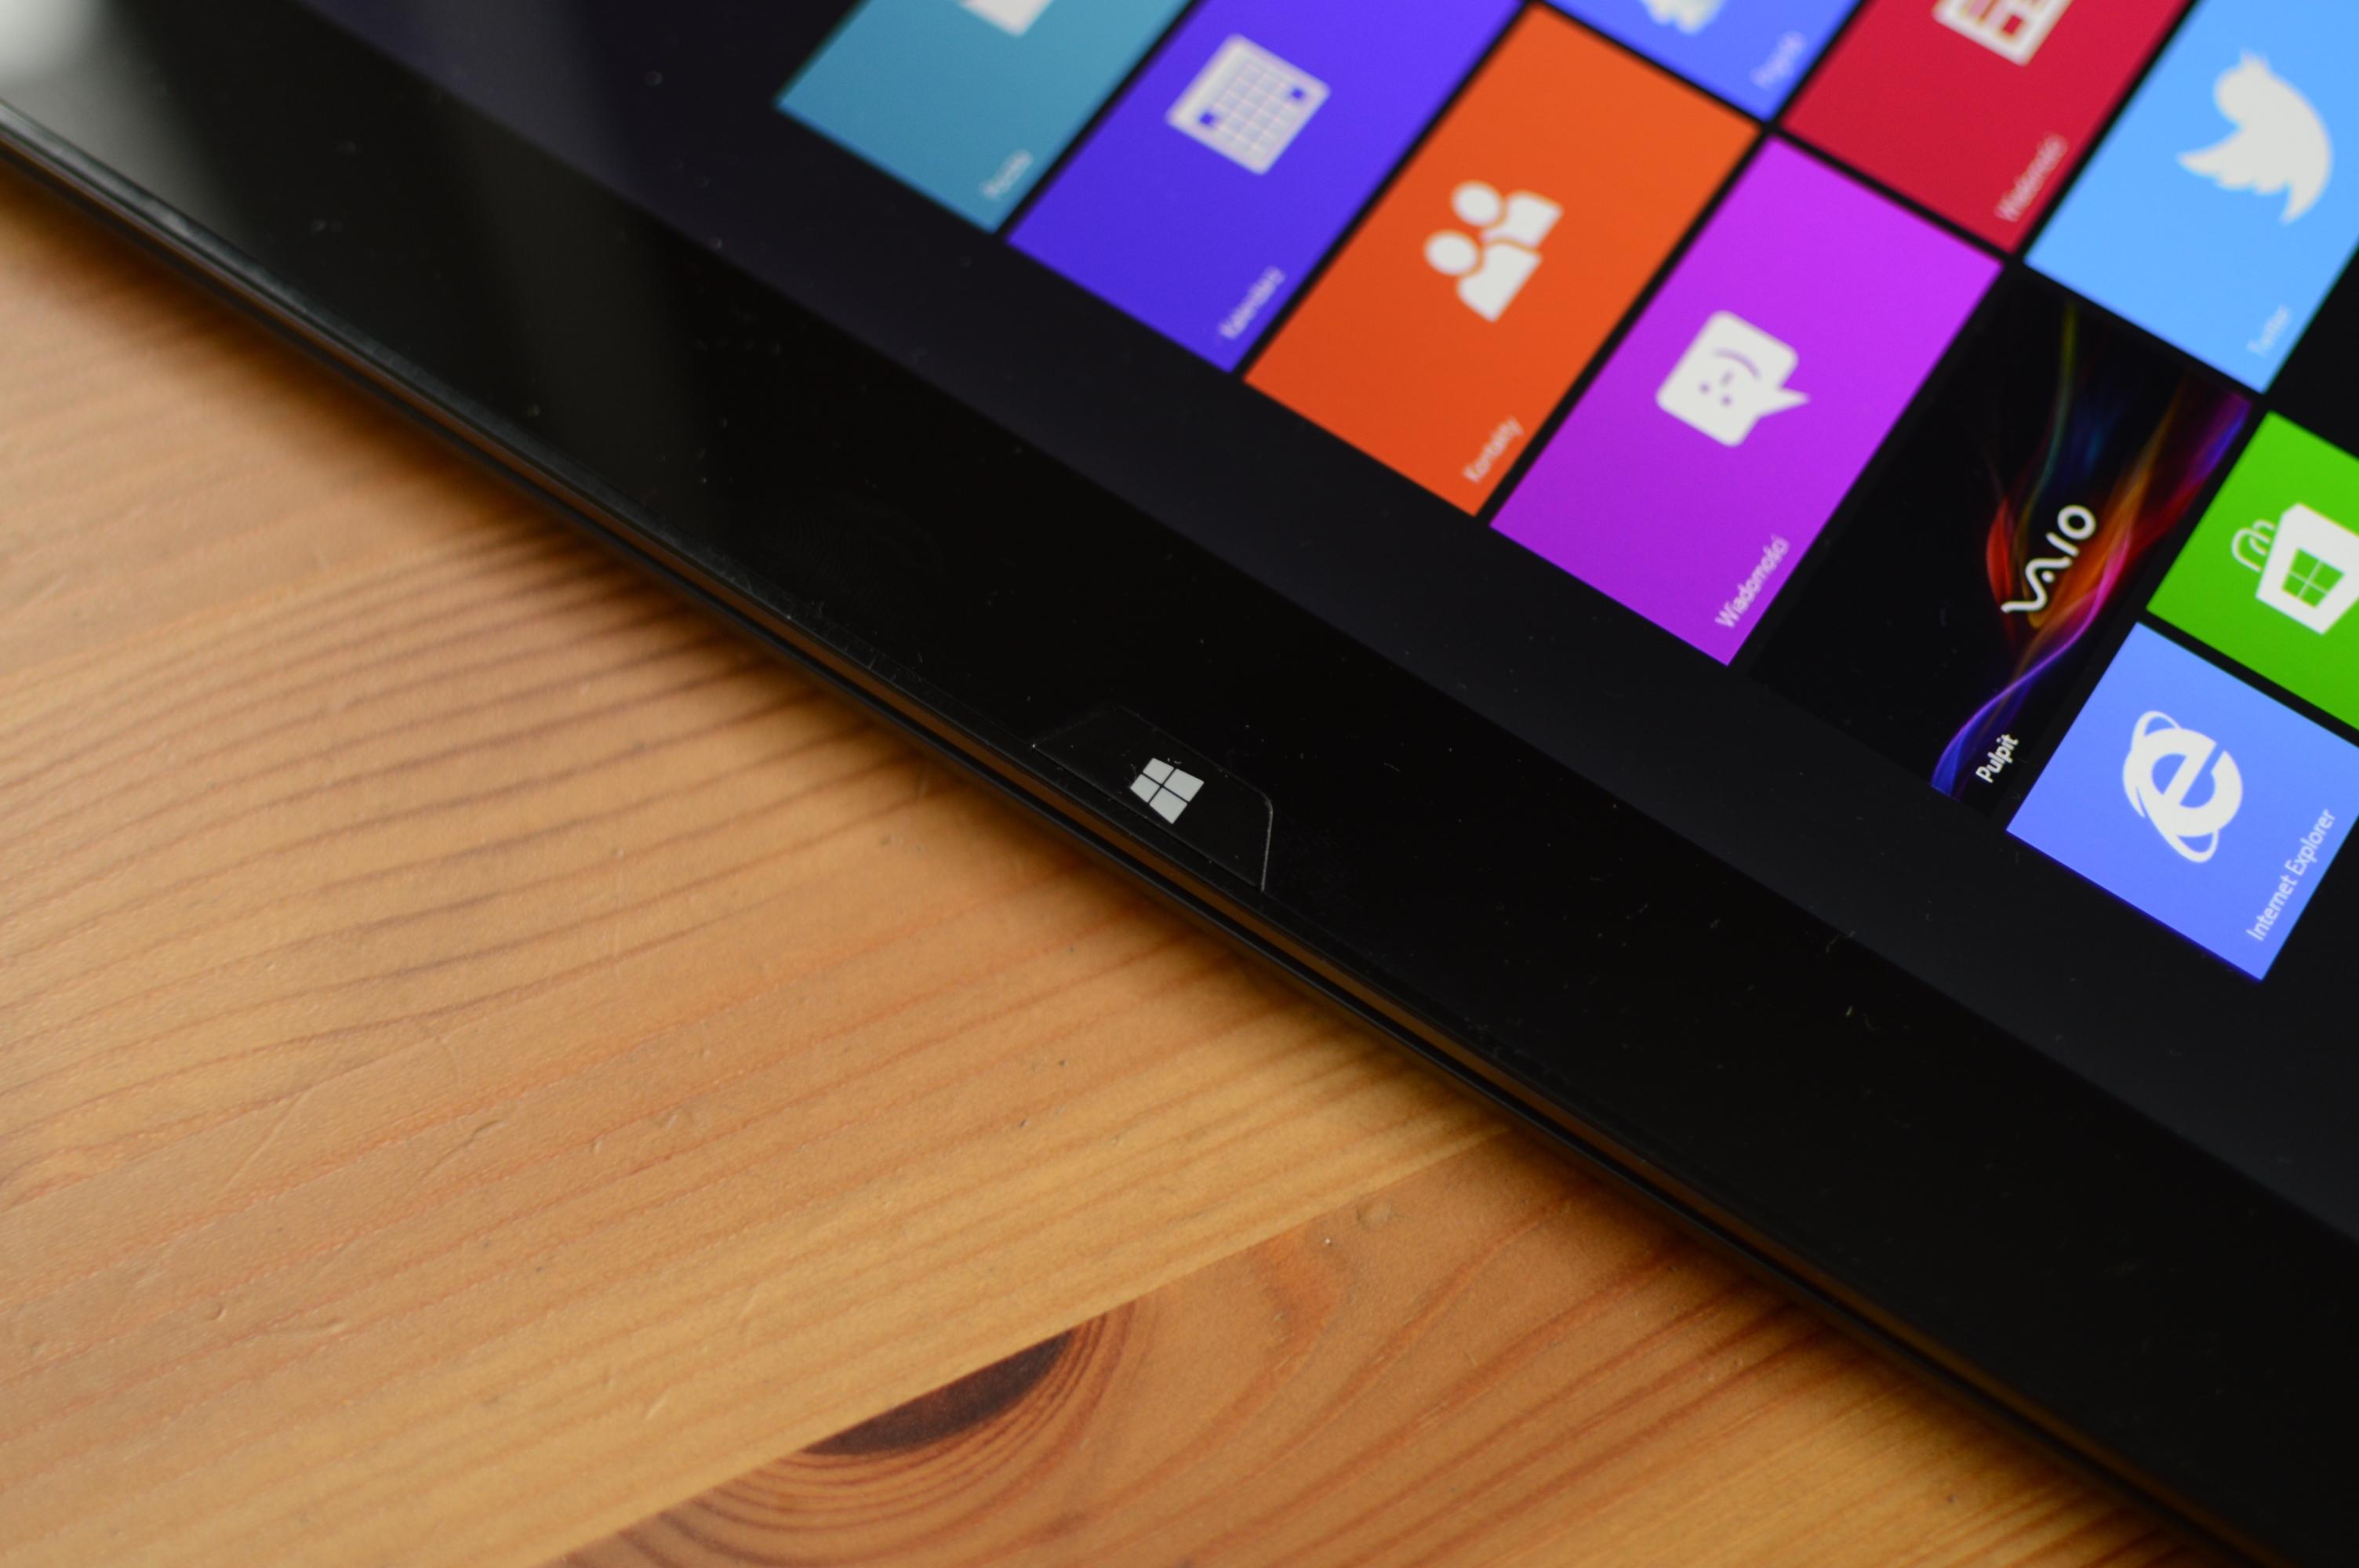 Sprawdzamy czy Sony Vaio Duo 13 jest lepszym laptopem niż tabletem – pierwsze wrażenia Spider's Web